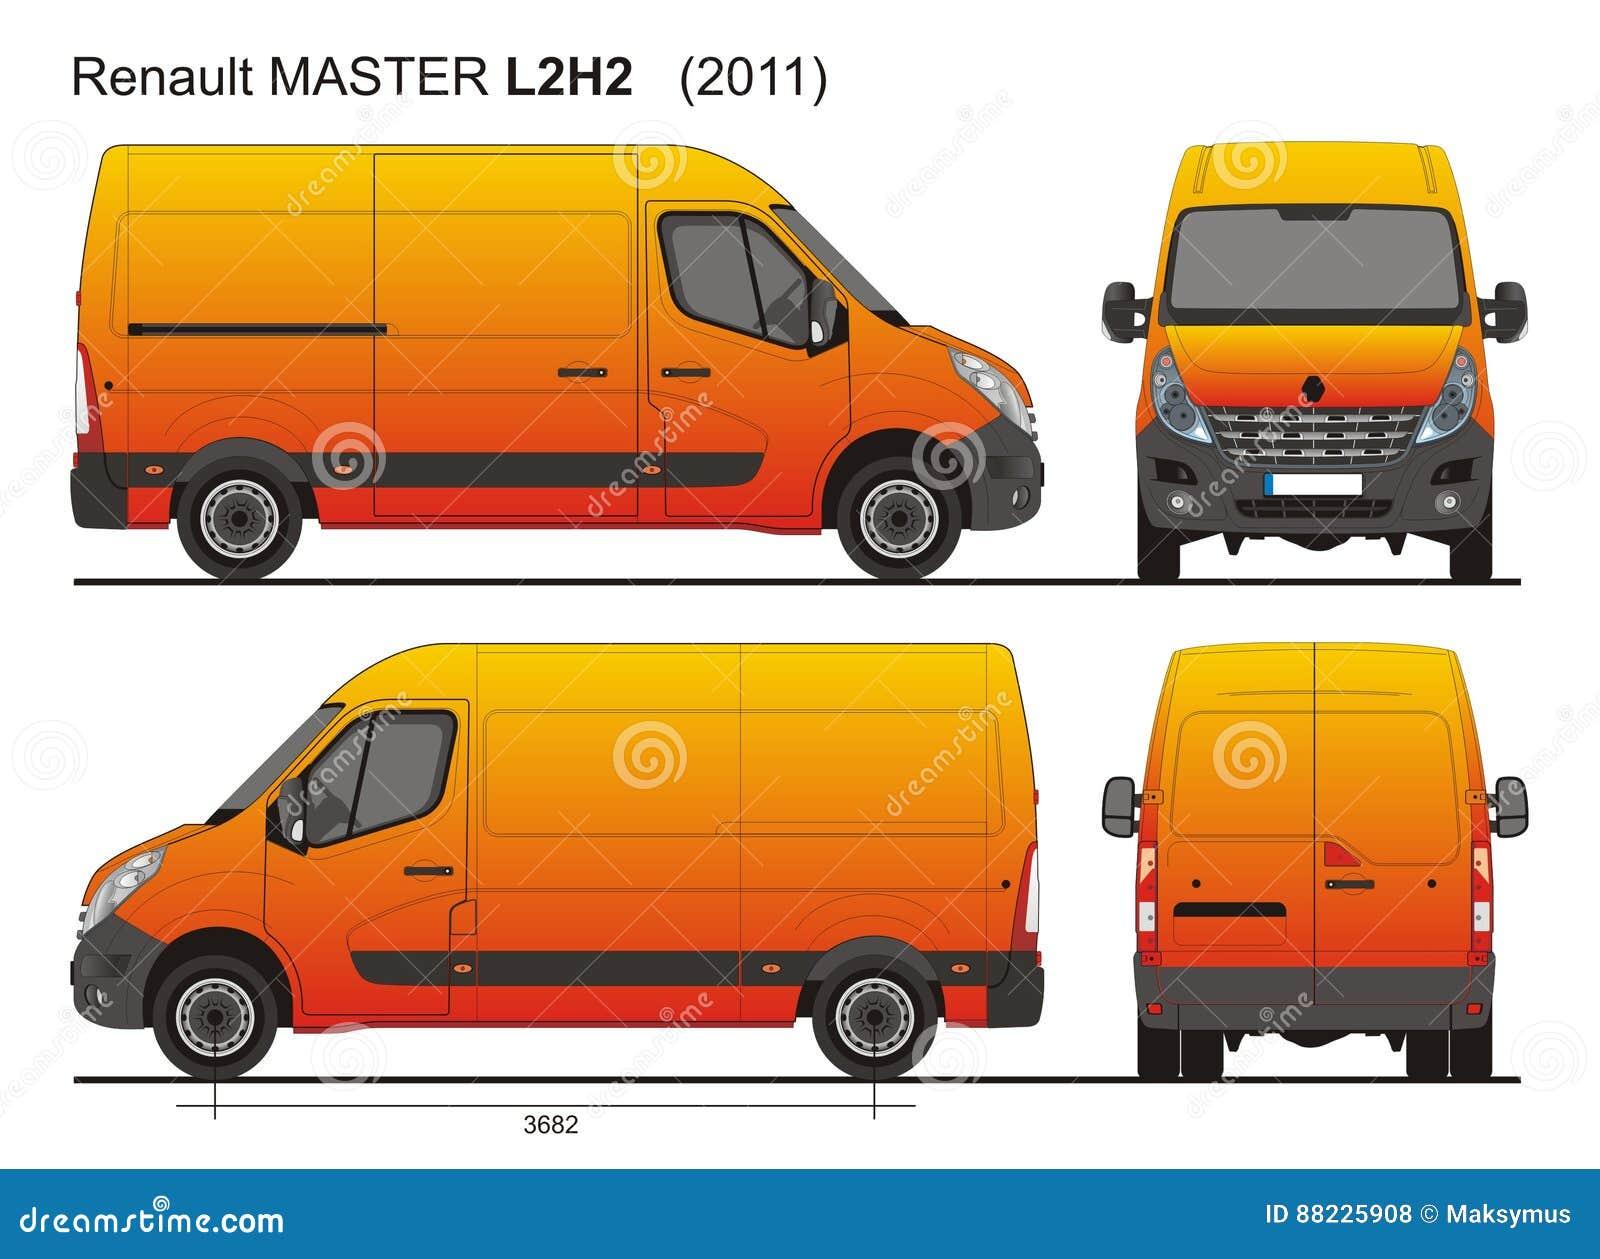 renault master van l2h2 2011 foto de stock editorial ilustra o de mestre carga 88225908. Black Bedroom Furniture Sets. Home Design Ideas